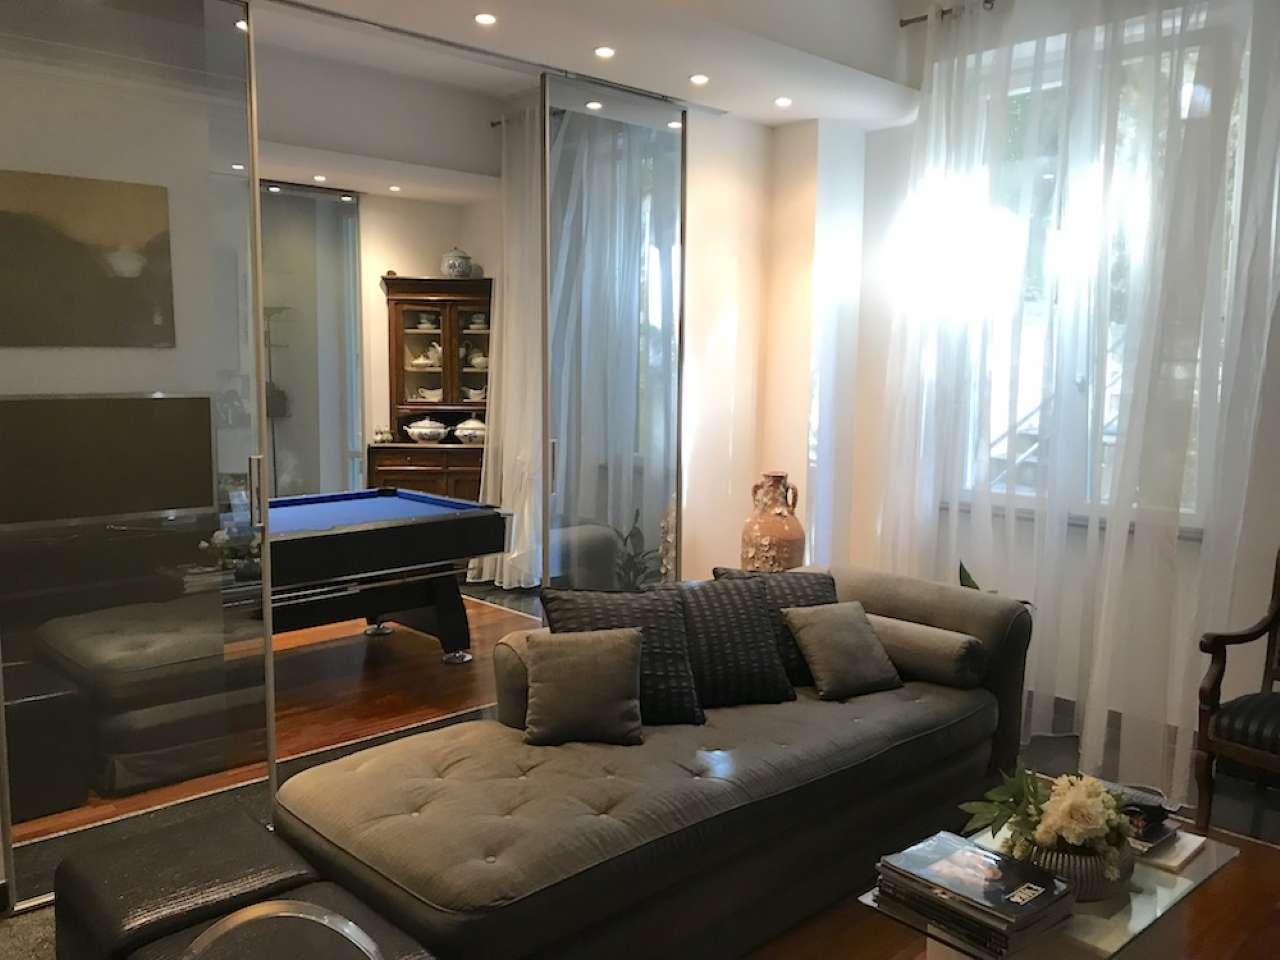 Foto 1 di Appartamento via Peschiera, Genova (zona Centro città)